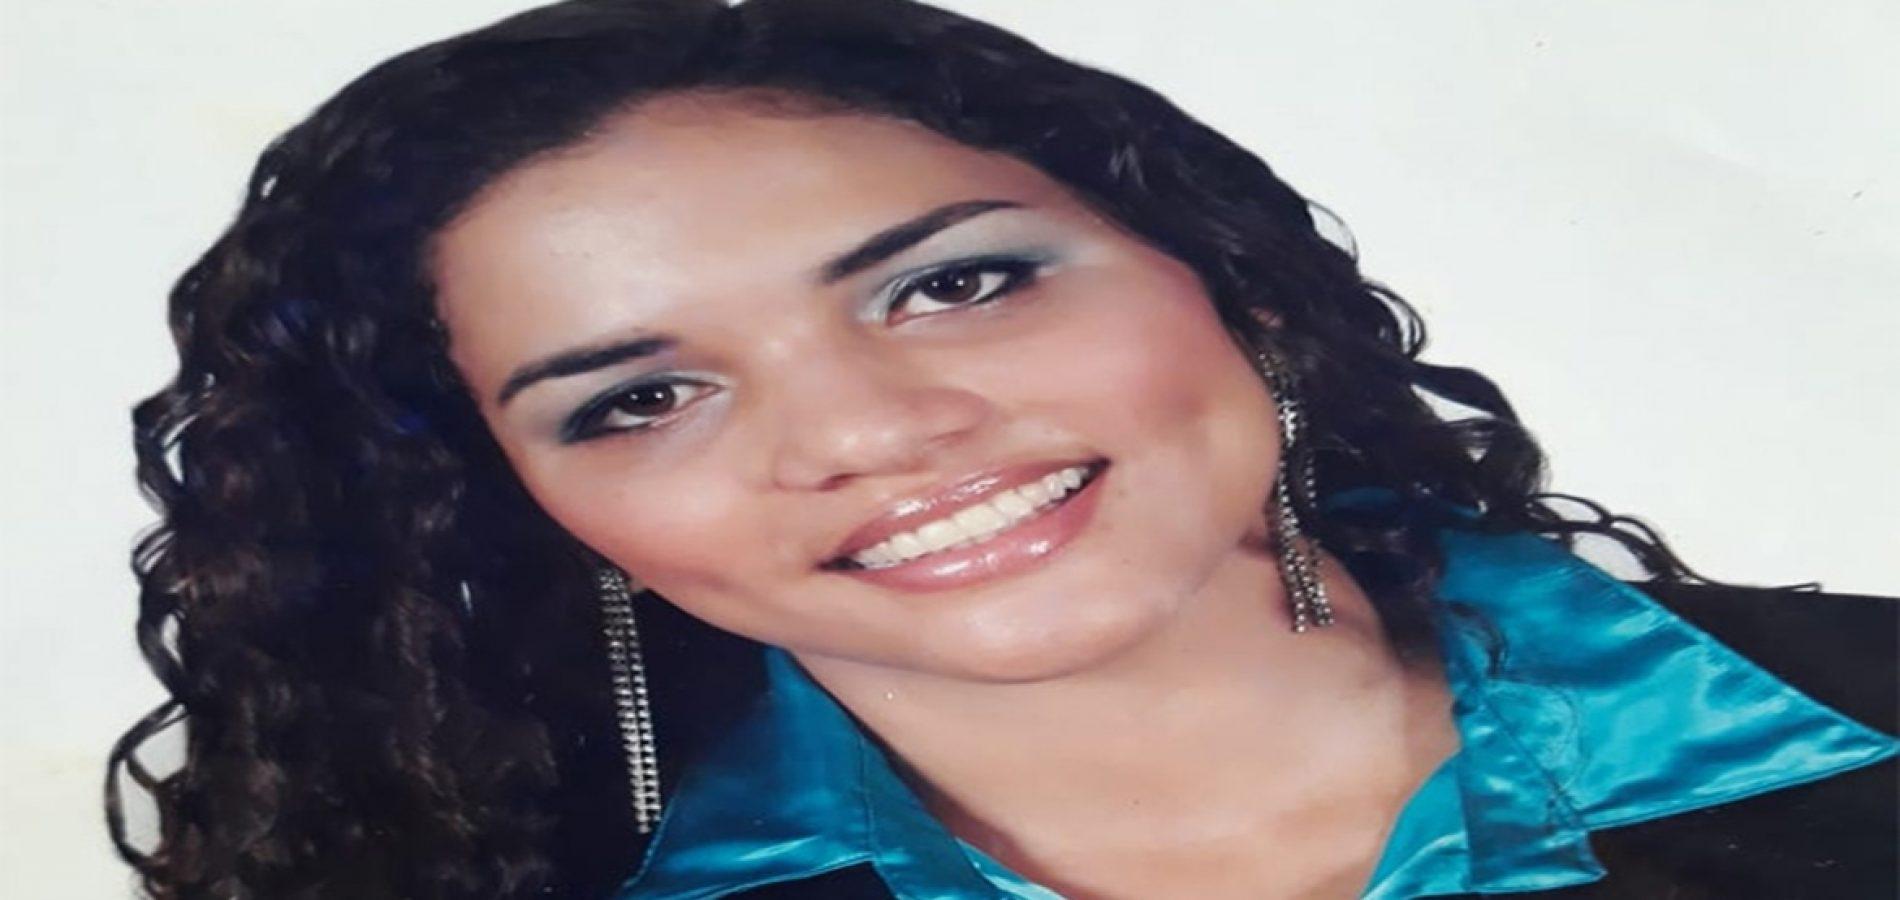 Réu acusado de matar professora sofre acidente na véspera de ir a júri popular